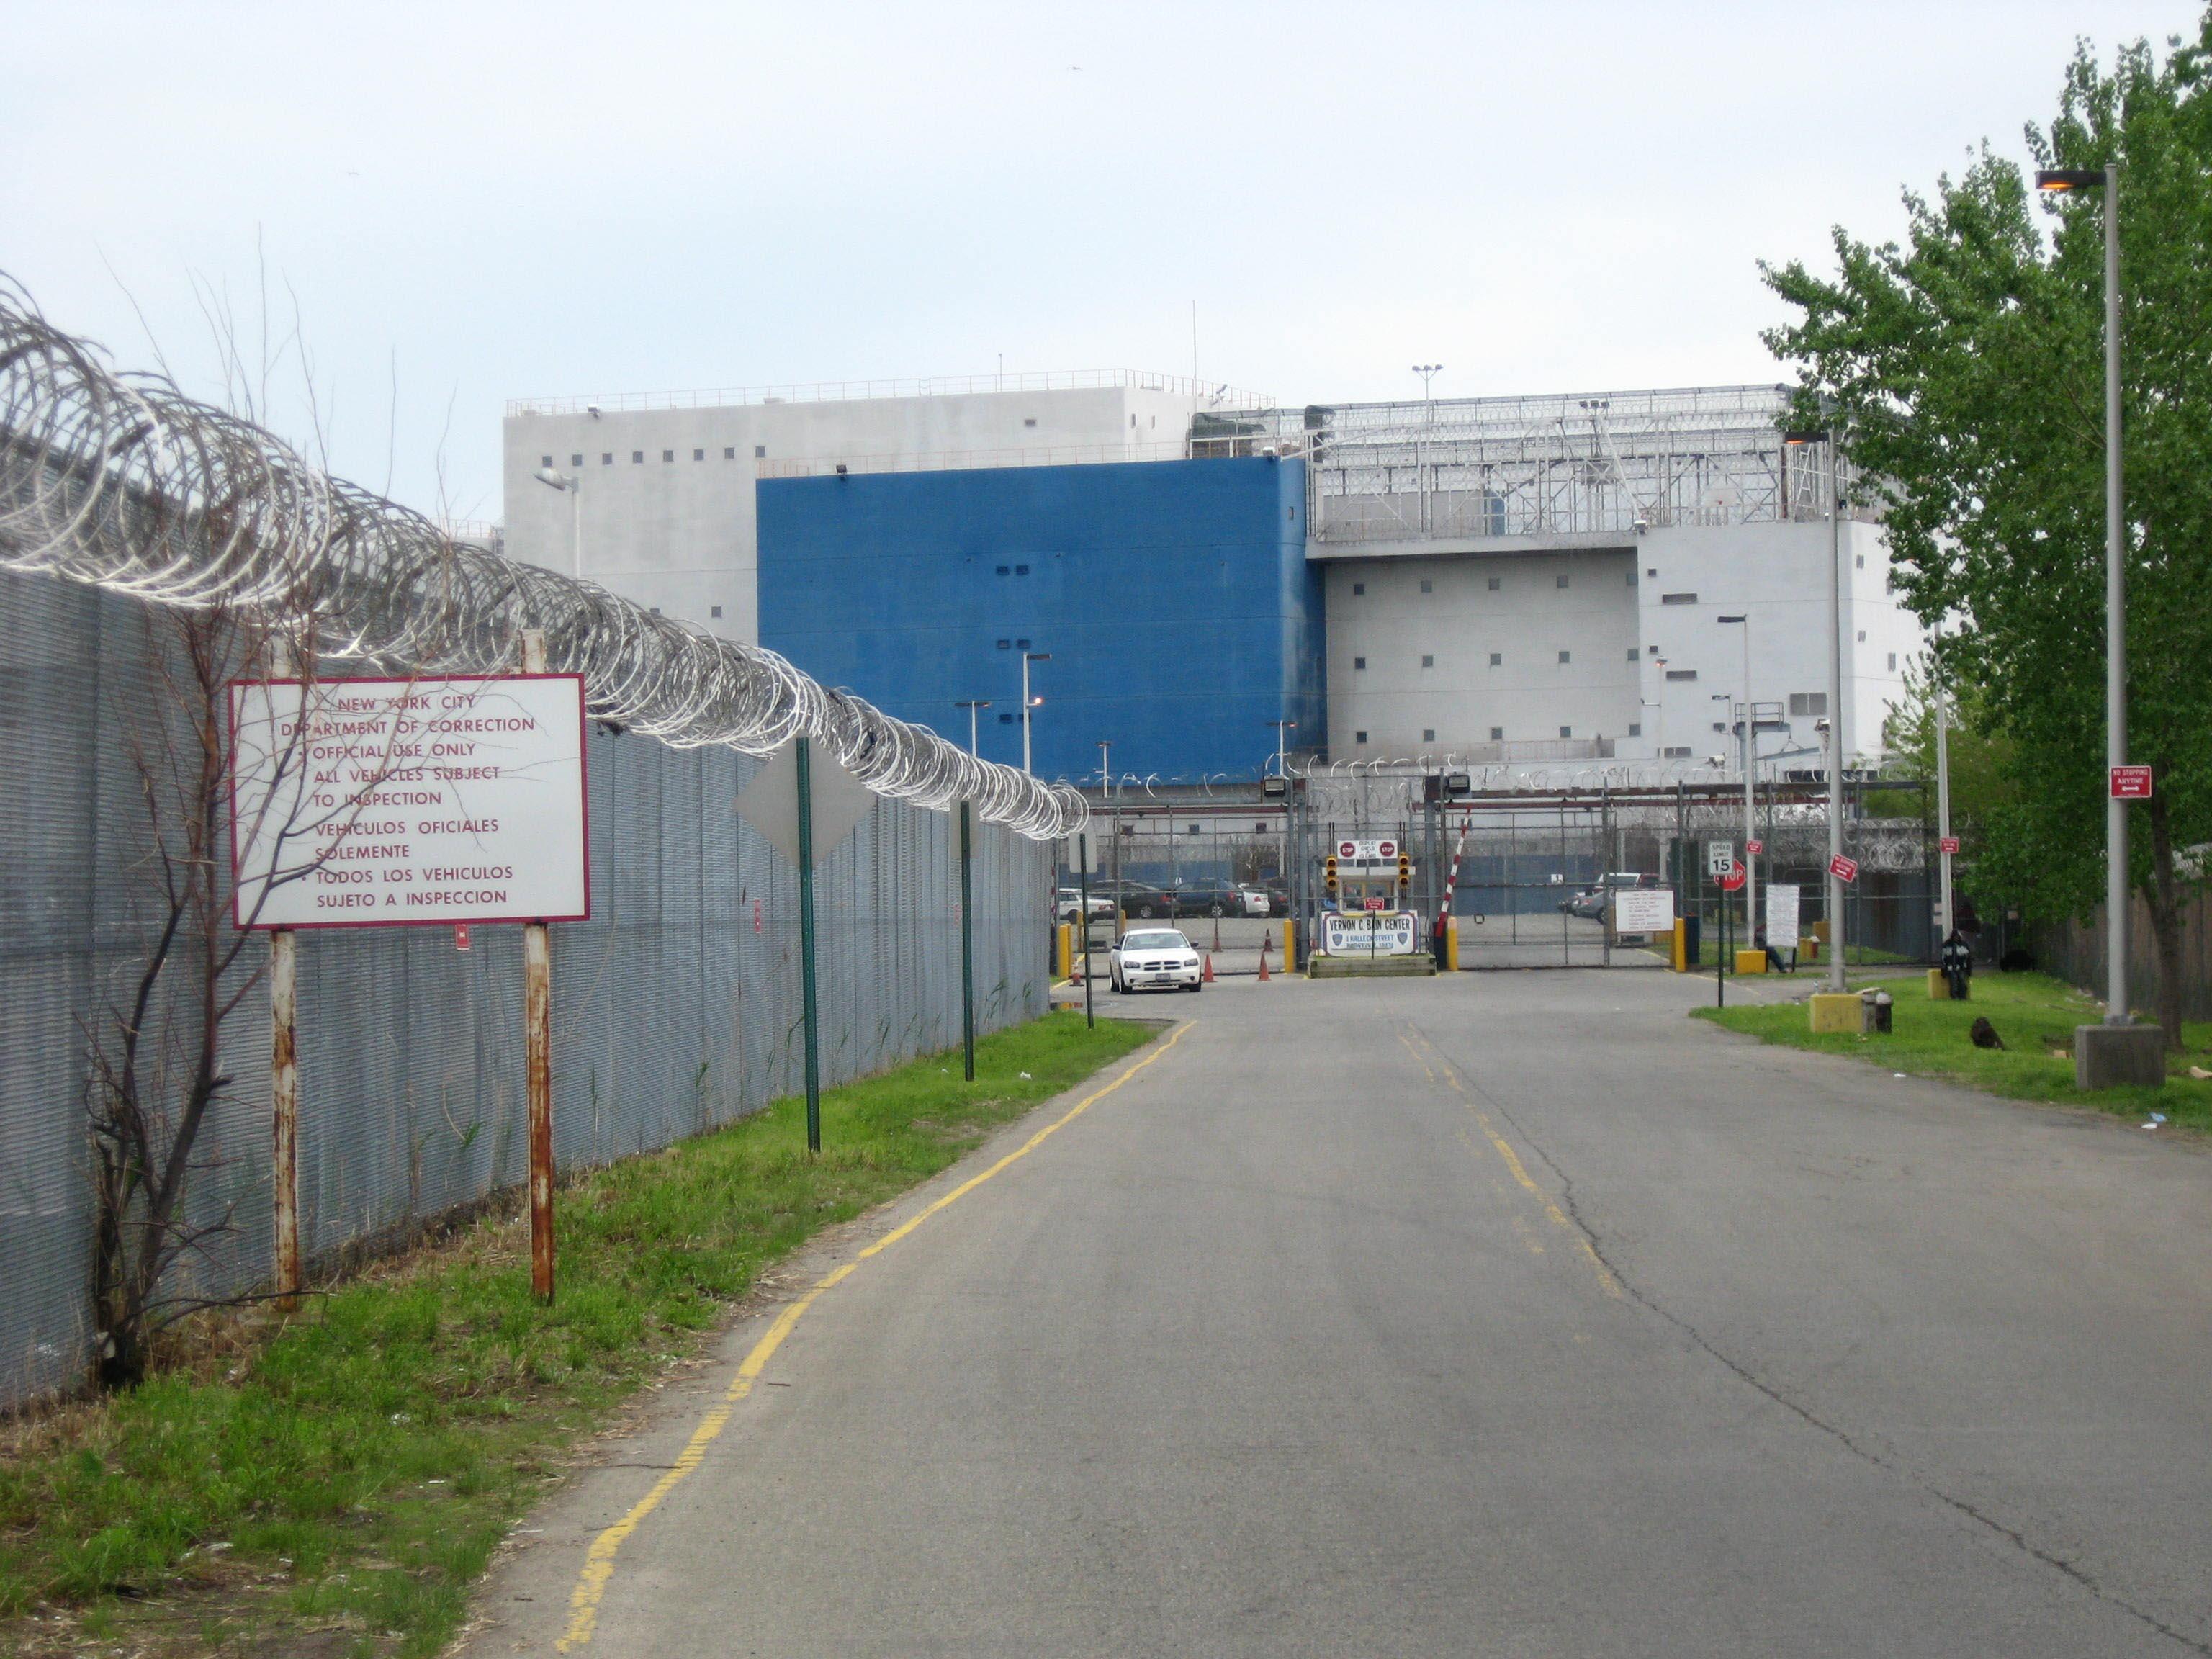 Vernon C  Bain Correctional Center - Wikipedia